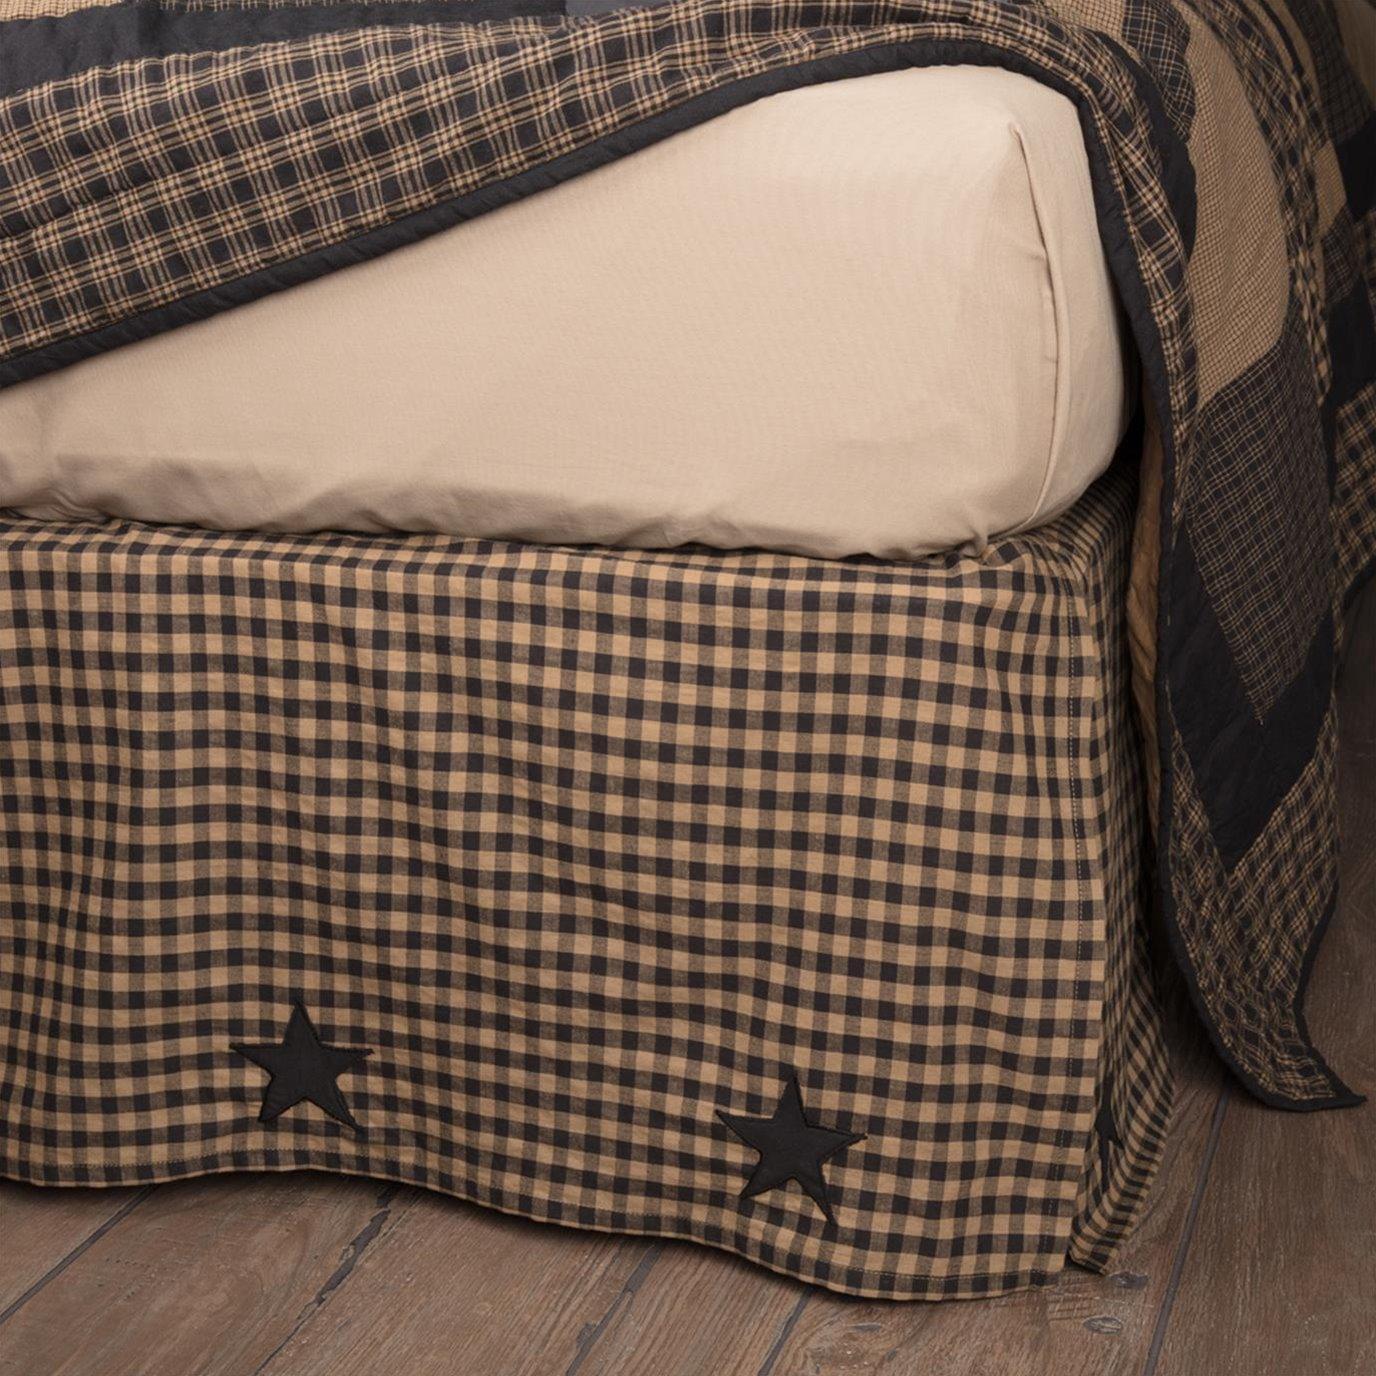 Black Check Star King Bed Skirt 78x80x16